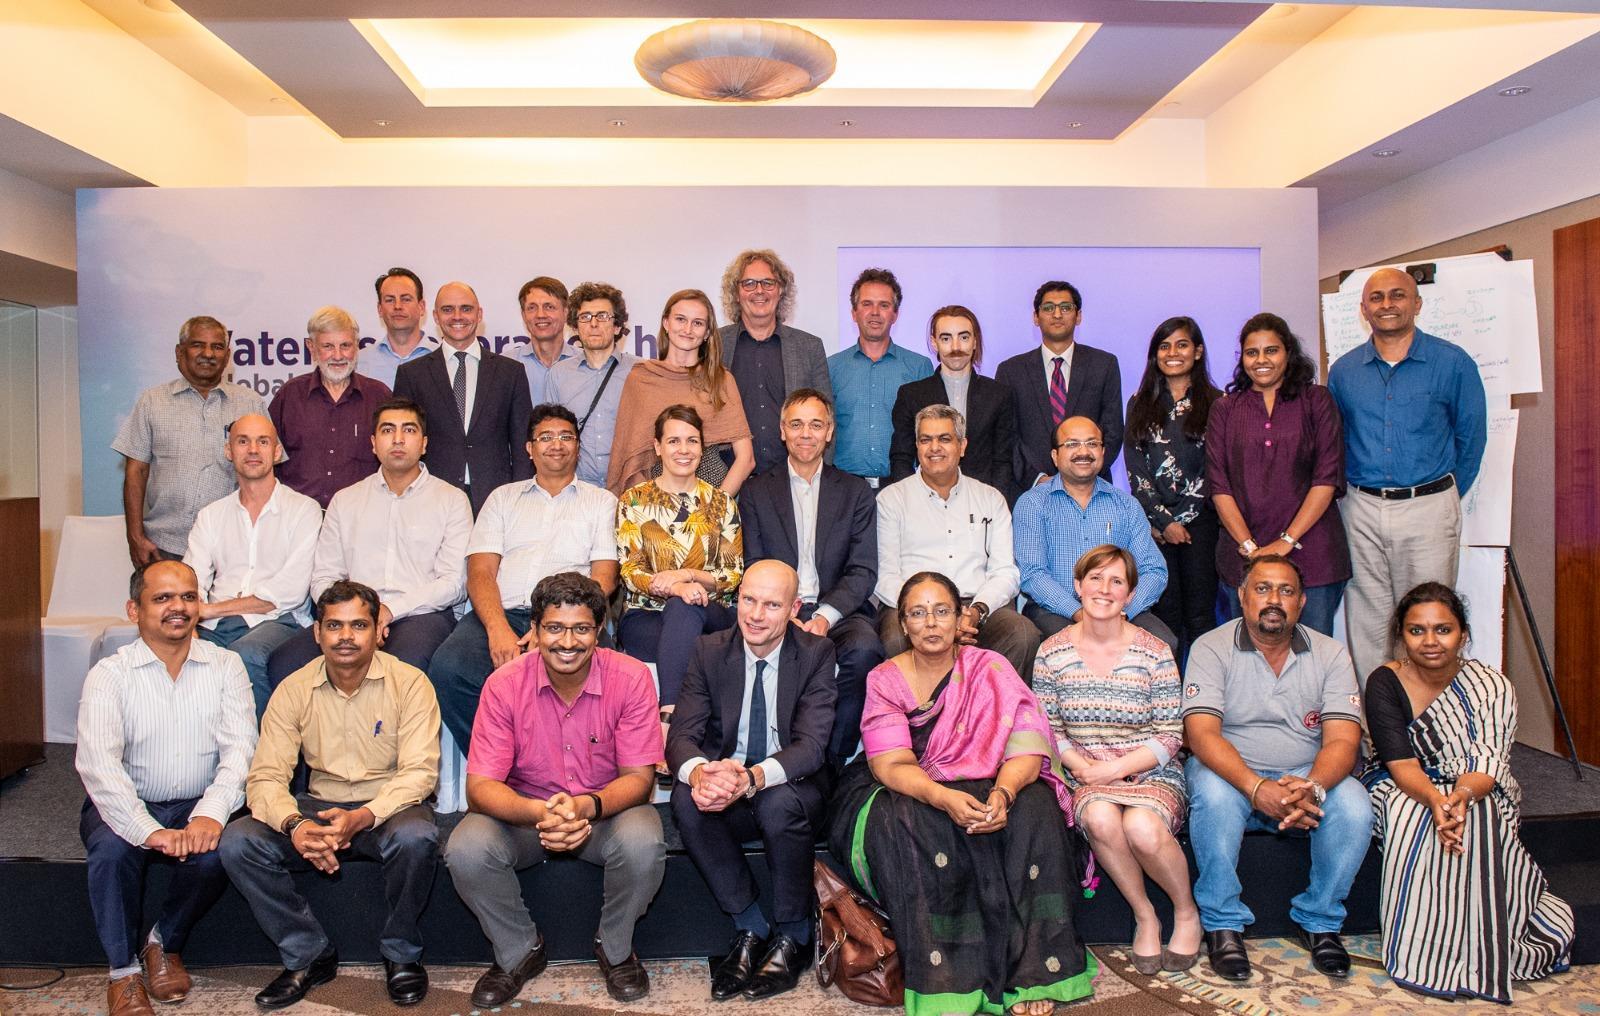 Delegates at the third local workshop in Chennai ©CynthiavanElk/WaterasLeverage